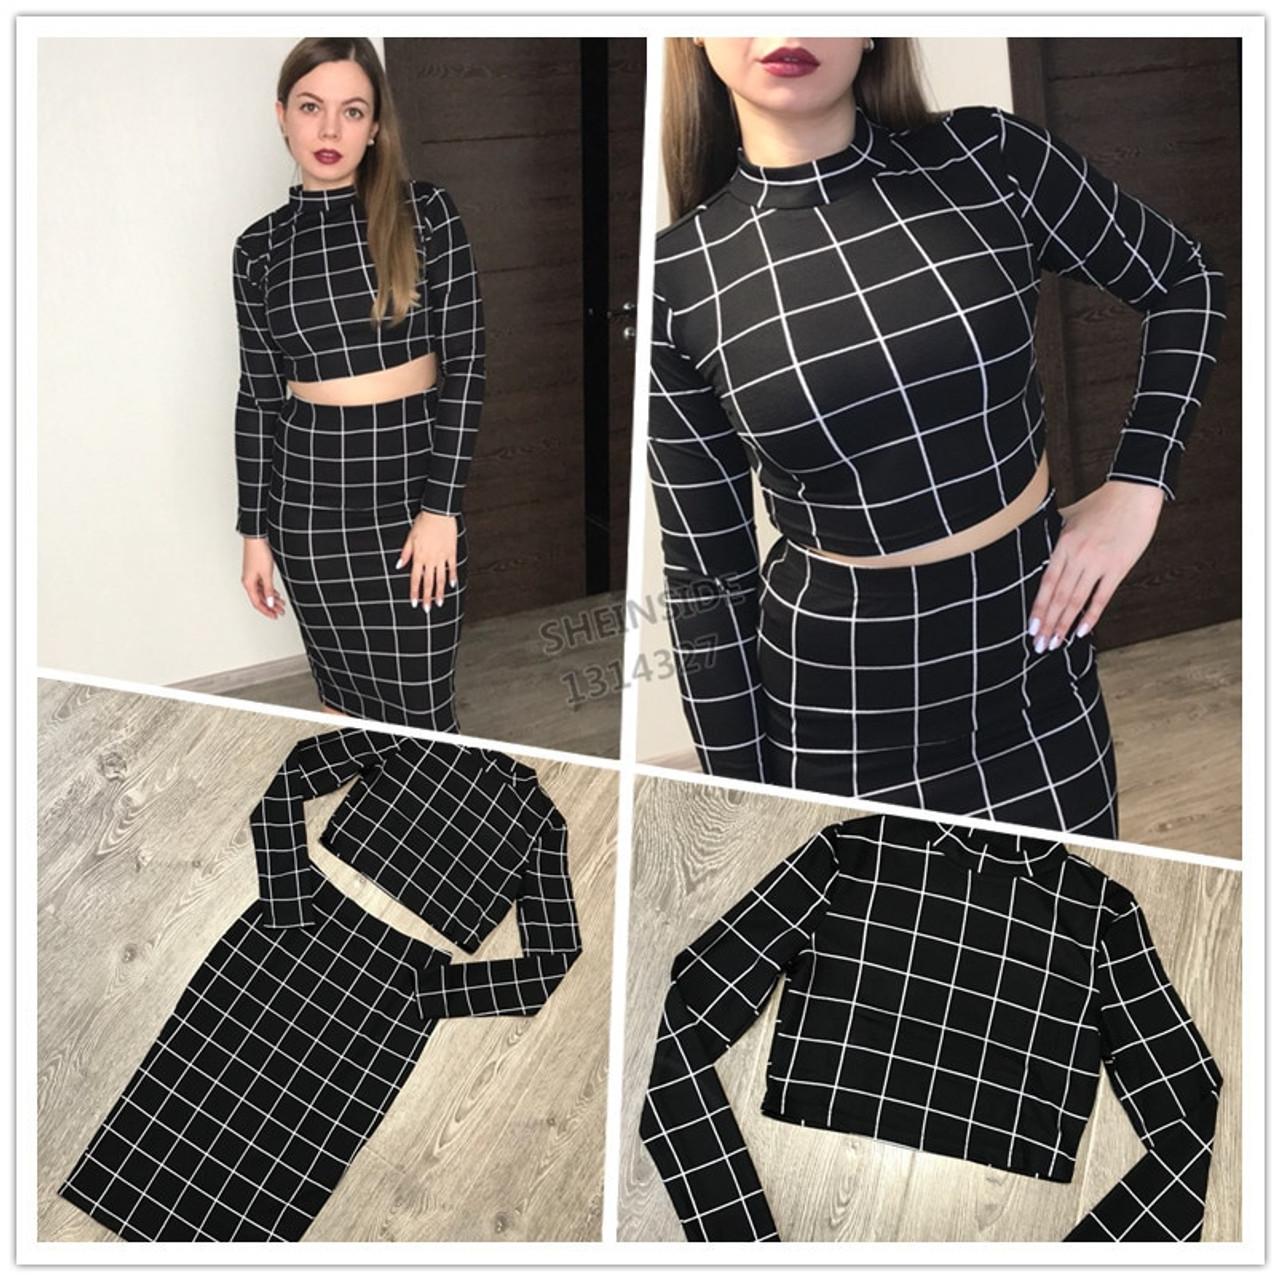 8c94363d2 ... Sheinside Stand Collar Long Sleeve 2 Piece Set Women Crop Grid Top  & Pencil Skirt ...